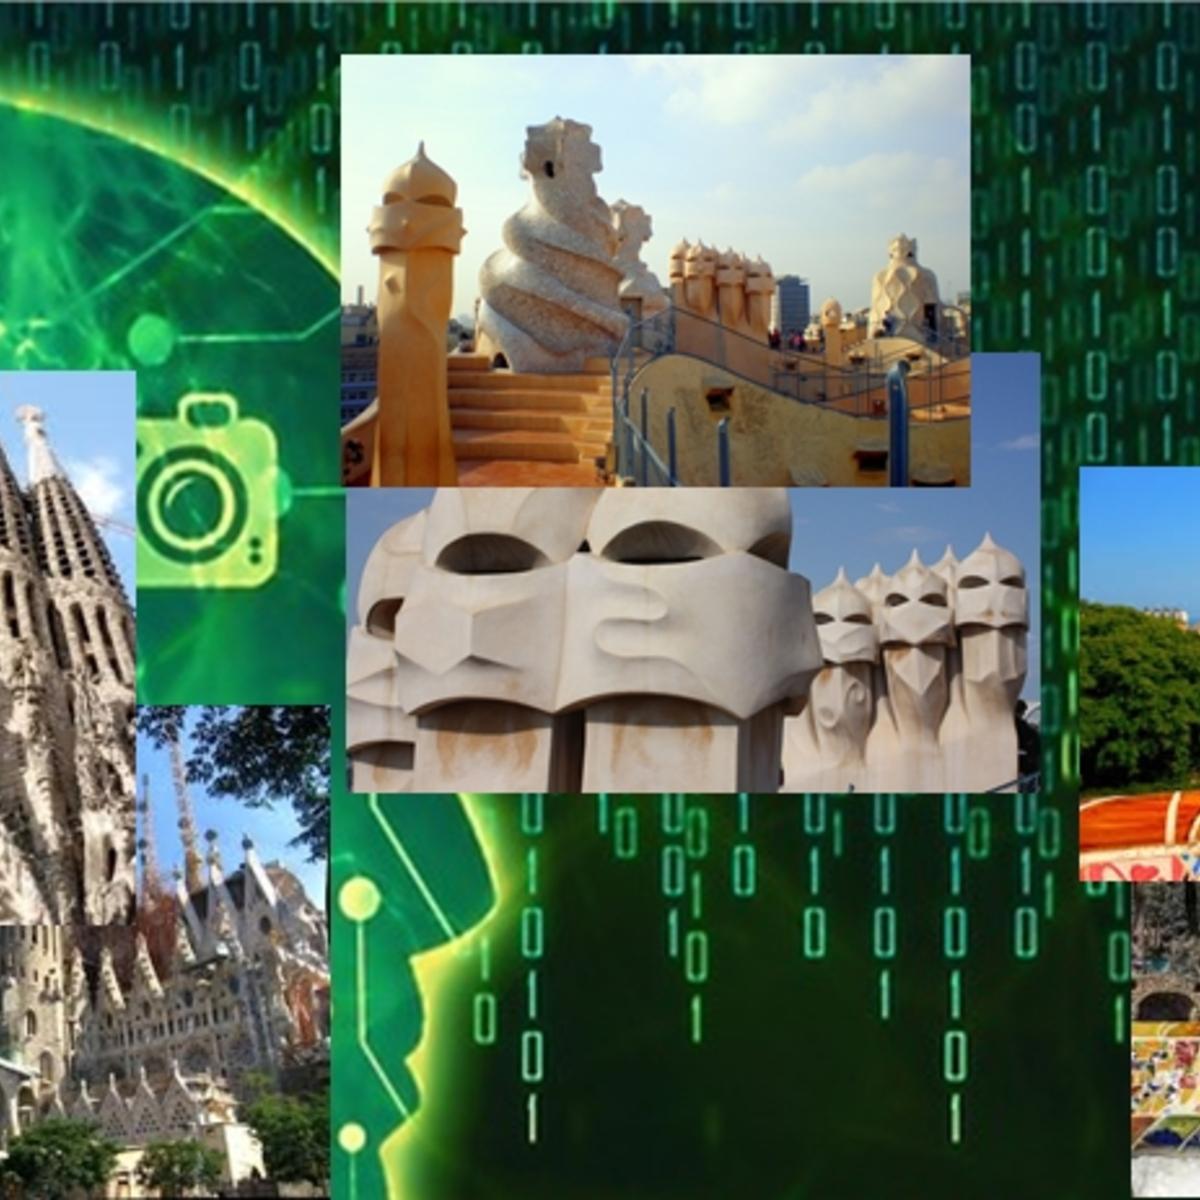 Clasificación de imágenes: ¿cómo reconocer el contenido de una imagen? course image